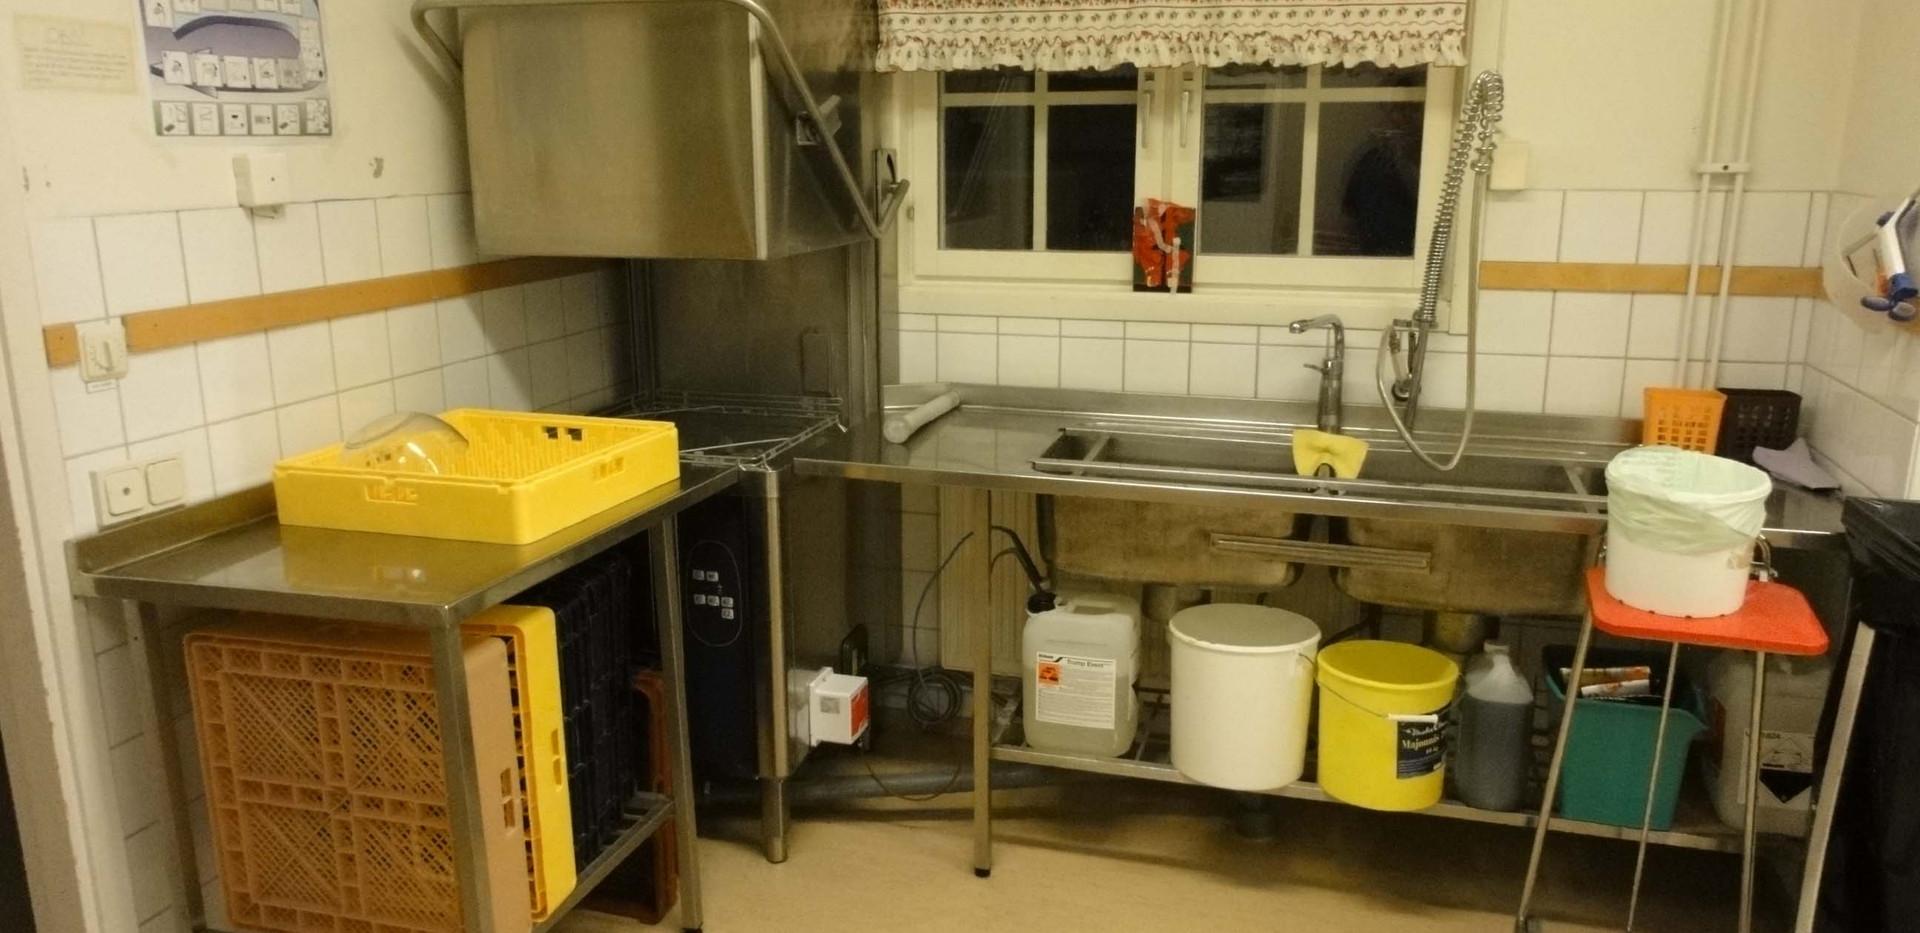 Kök tillhörande serveringen